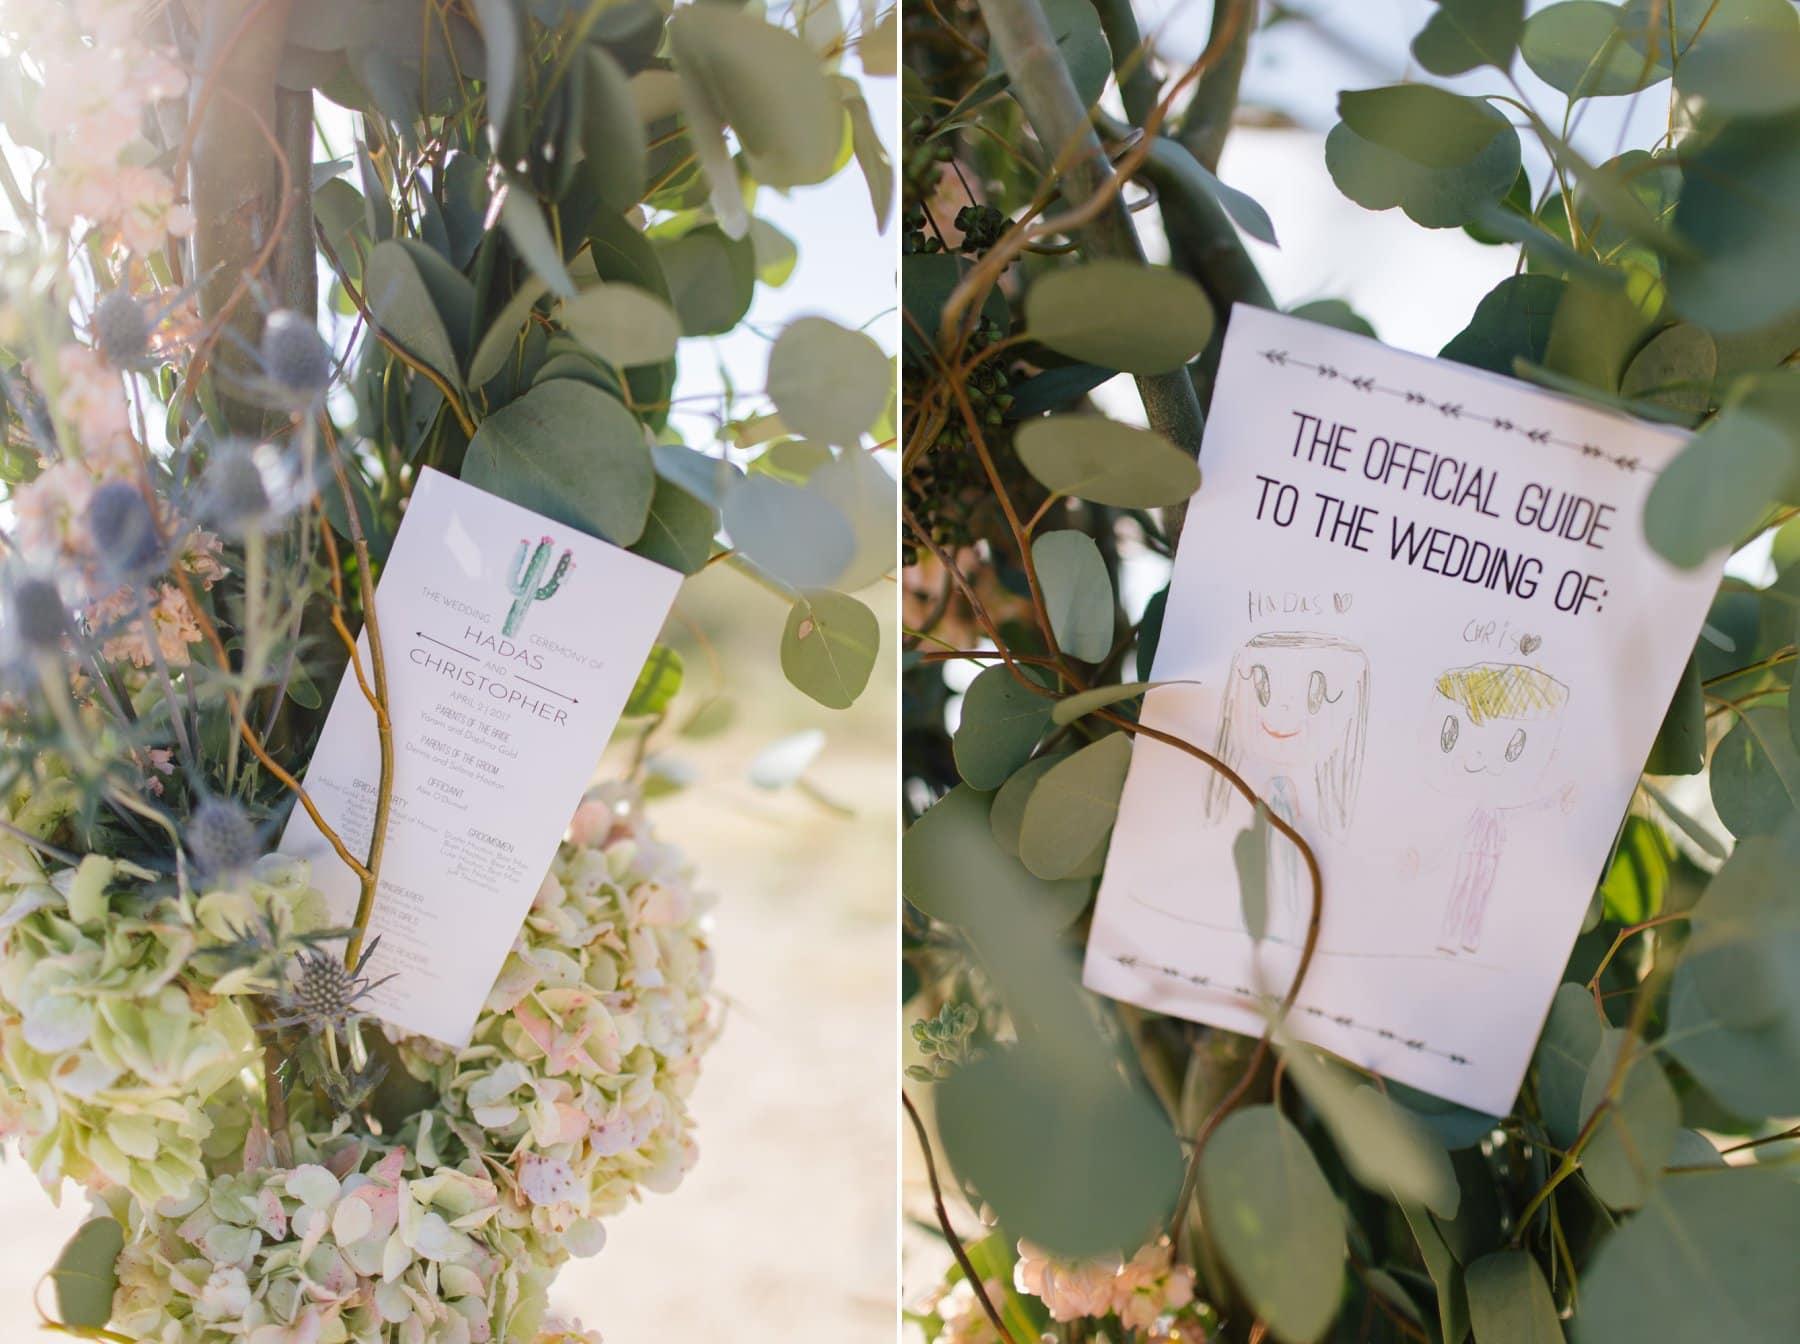 Scottsdale wedding program in flowers at Desert Foothills Event Center